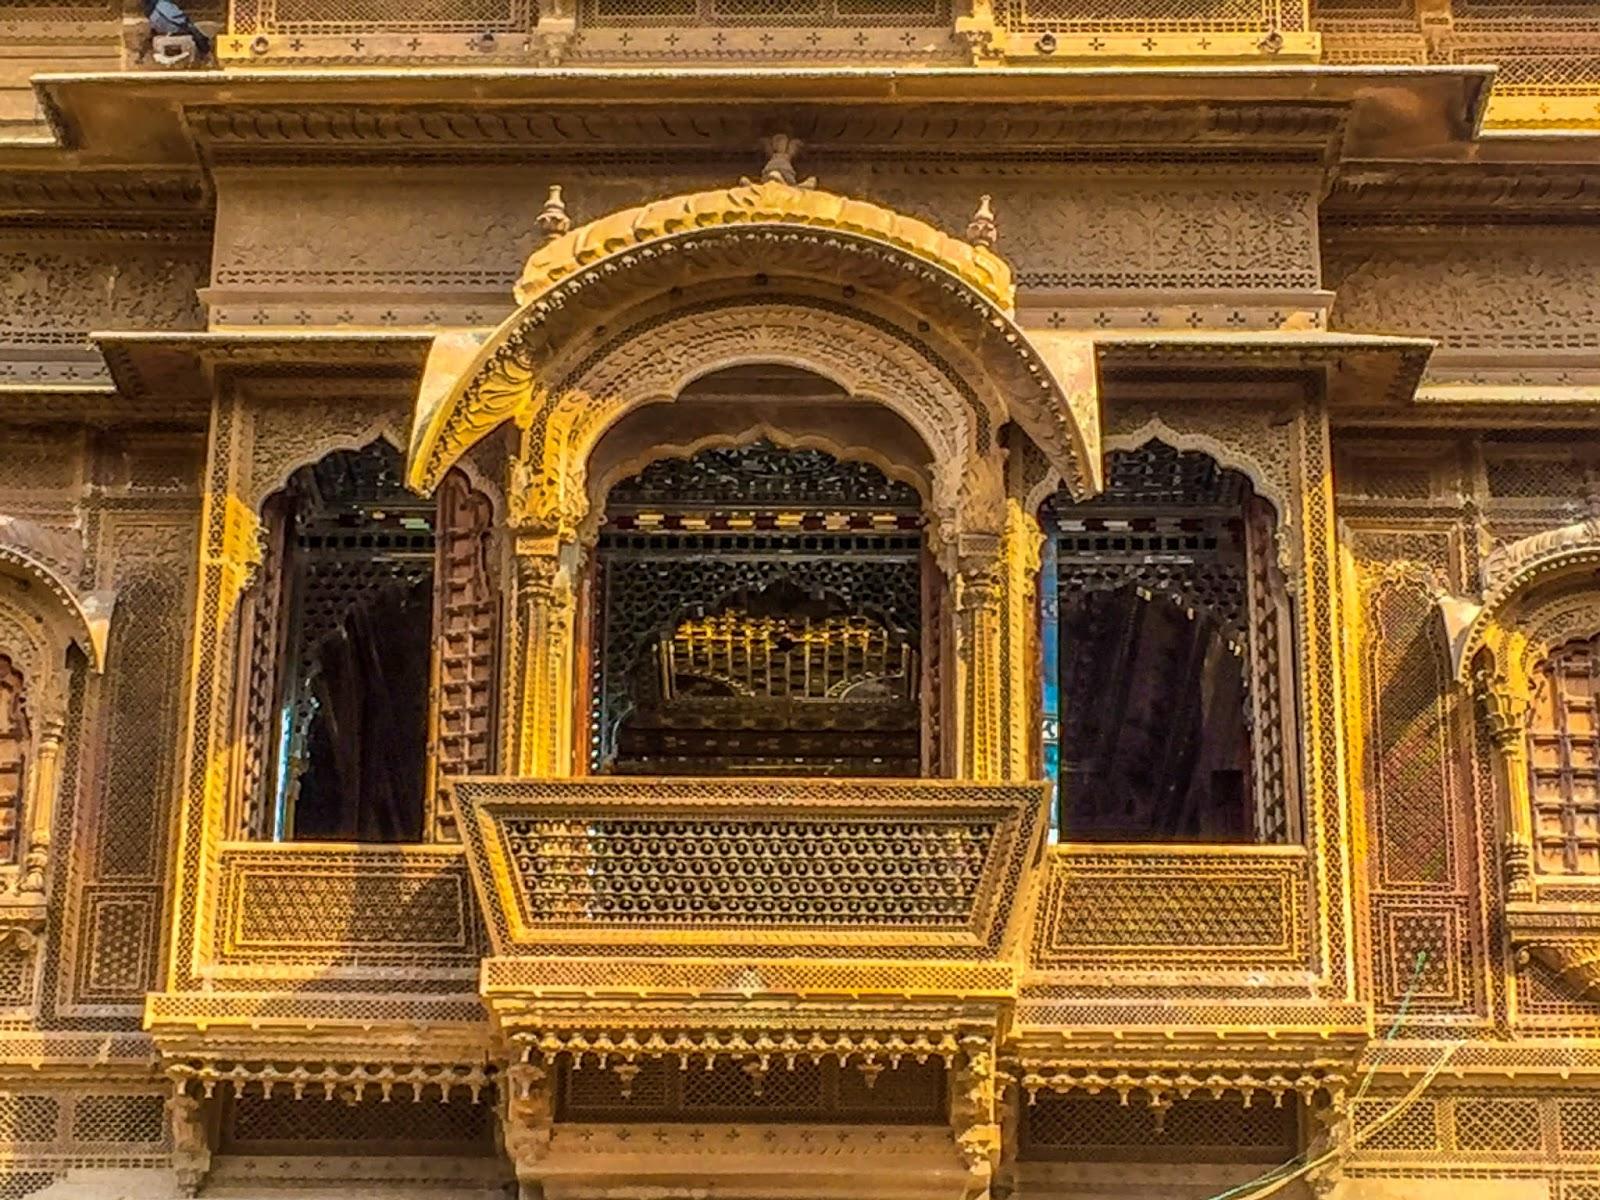 intricately carved Jharokhas